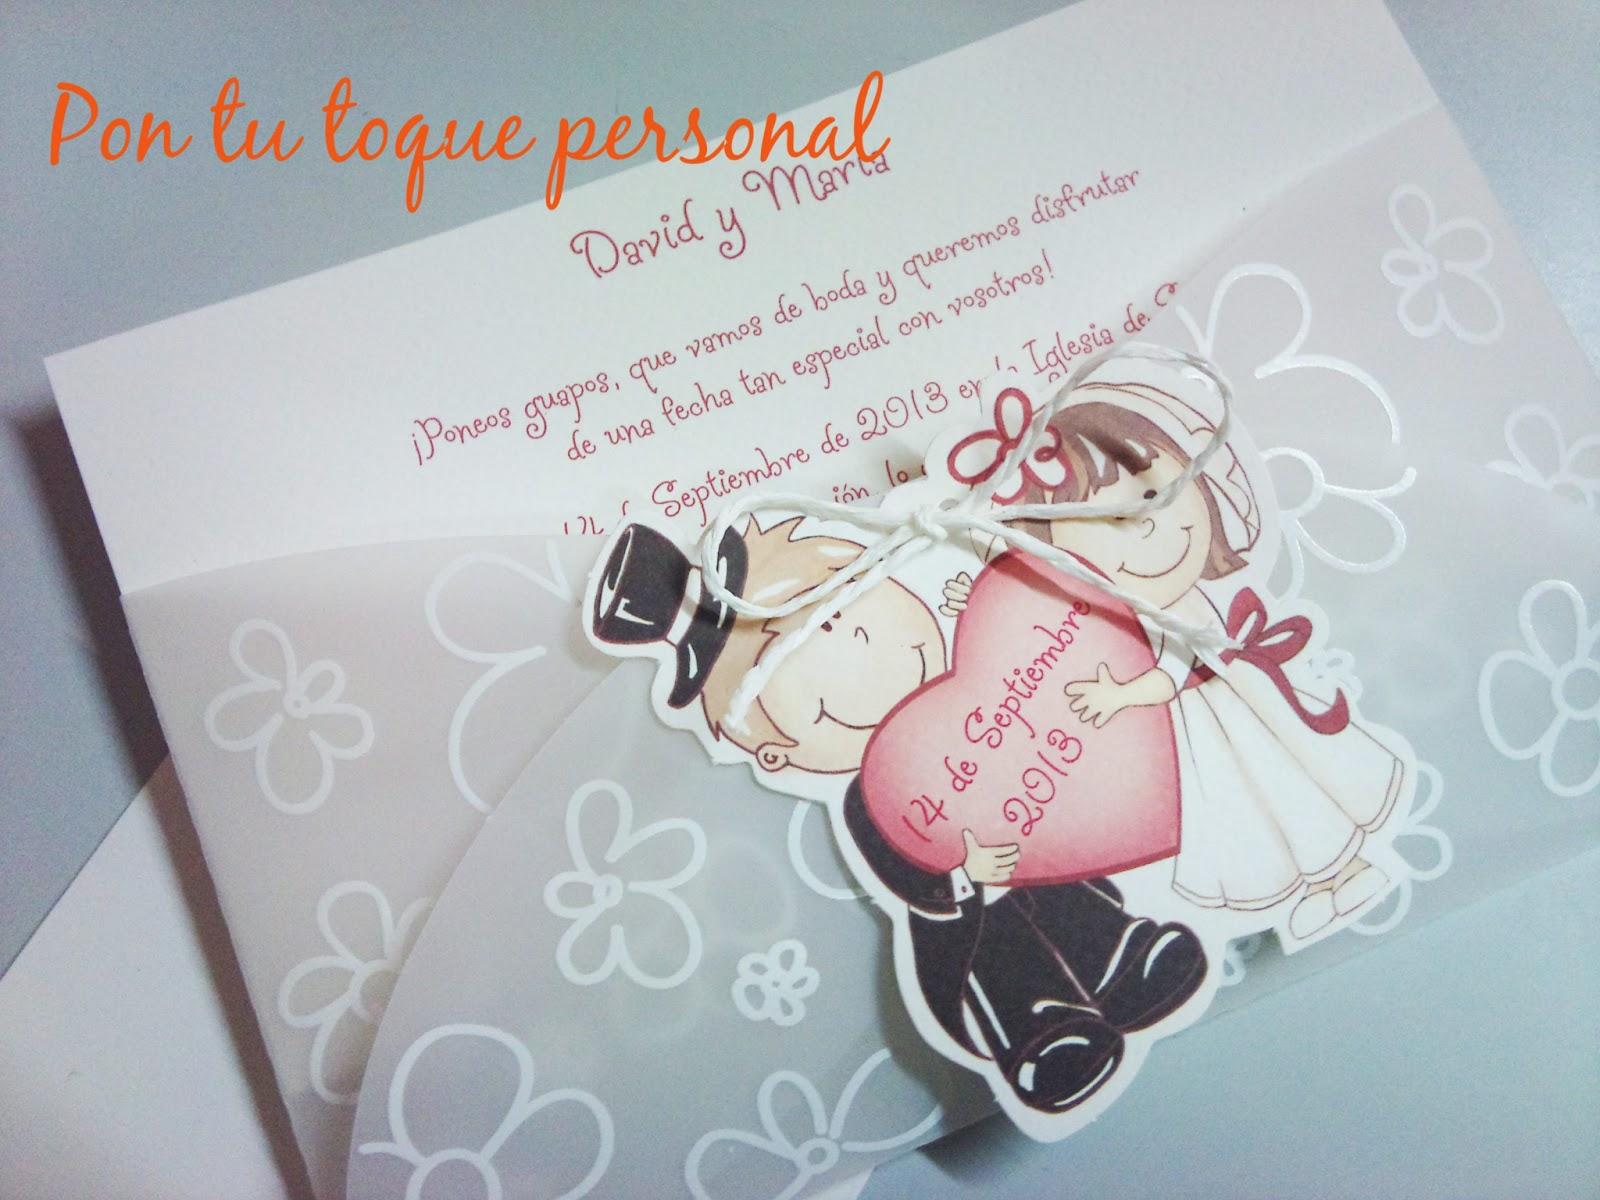 Pon Tu Toque Personal Invitacion De Boda Con Silueta De Novios - Ver-invitaciones-de-boda